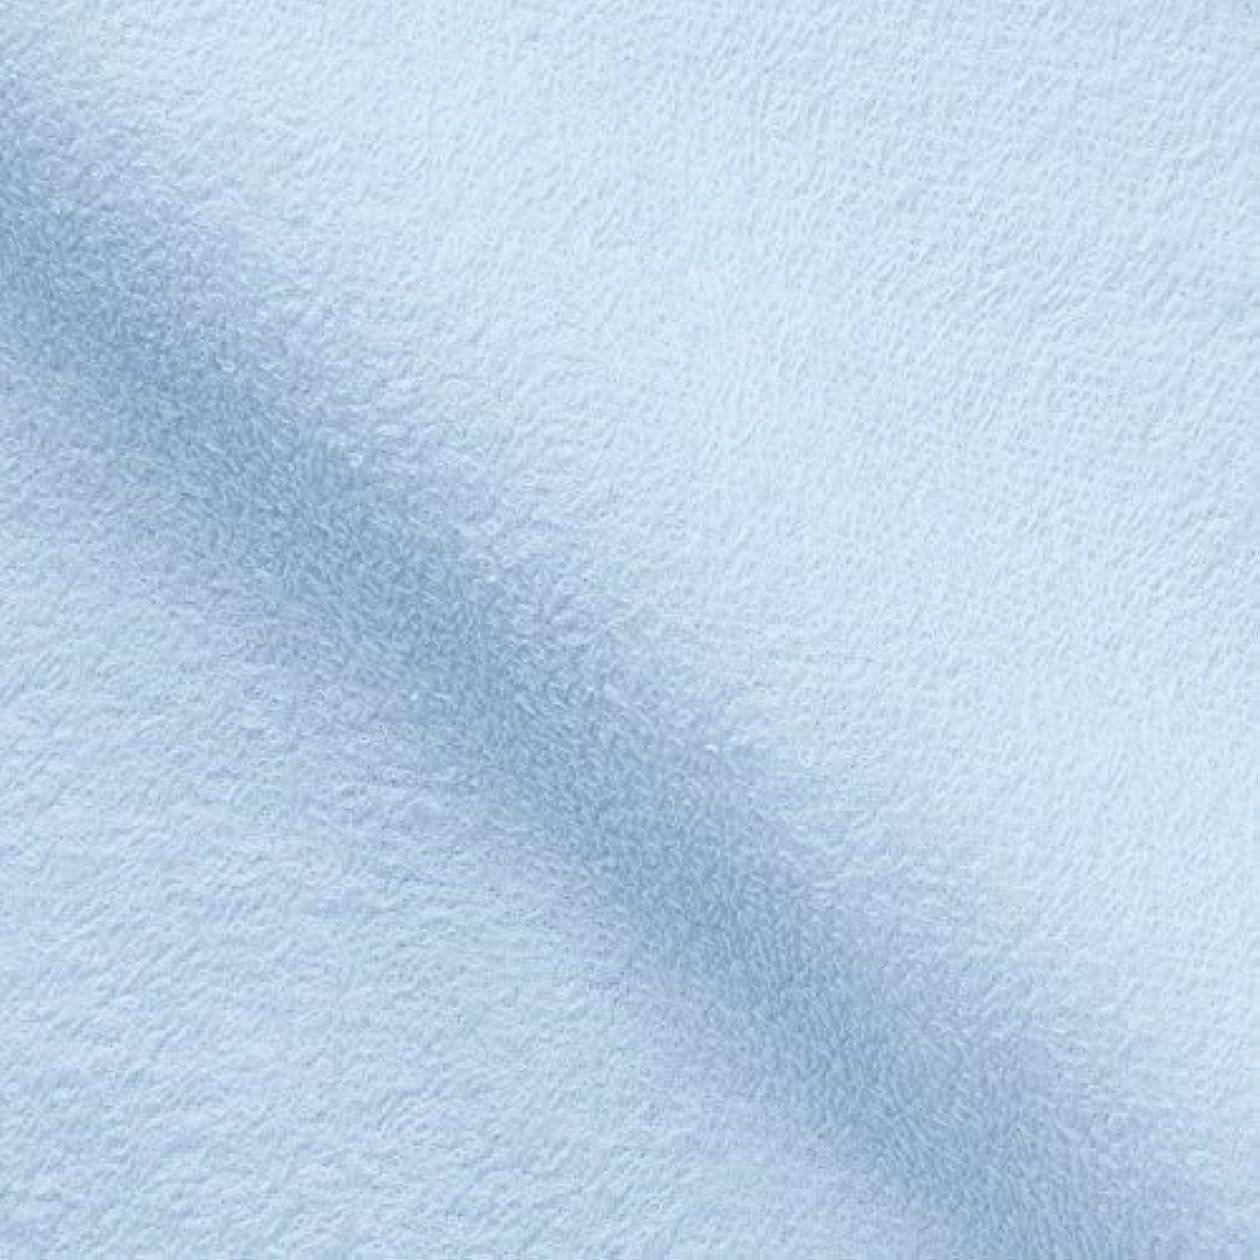 データチャート帰するキヨタ 抗菌介護タオル(フェイスタオル12枚入) ブルー 34×84cm